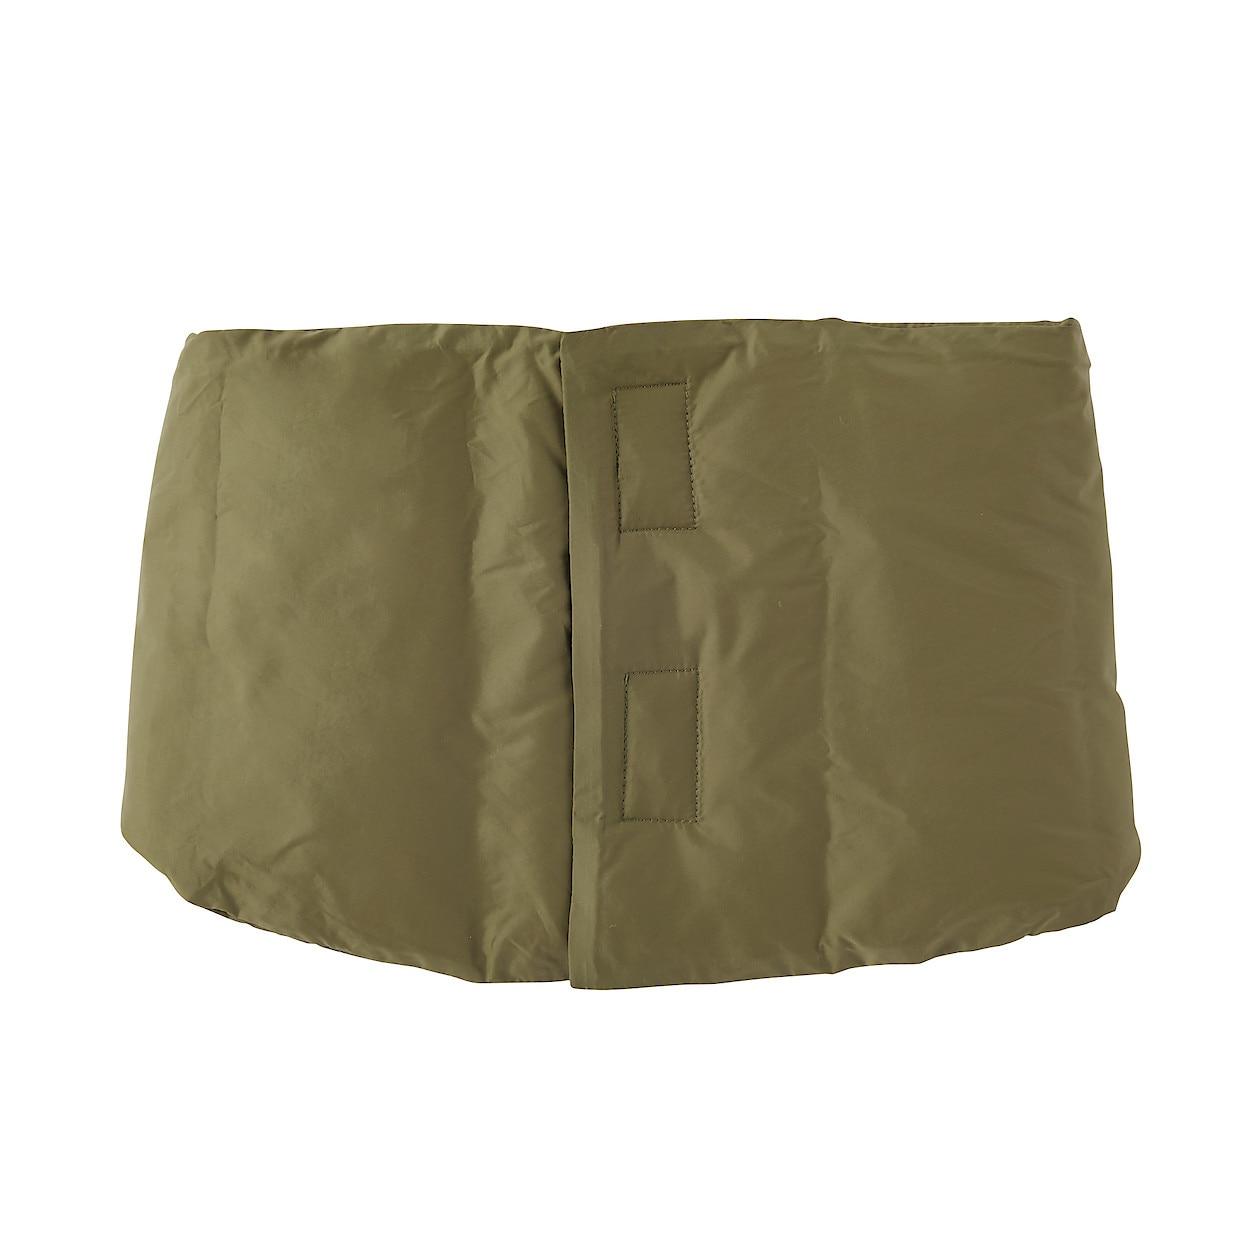 輕量澳洲羽絨可攜式保暖領圍 卡其綠14×68cm   無印良品